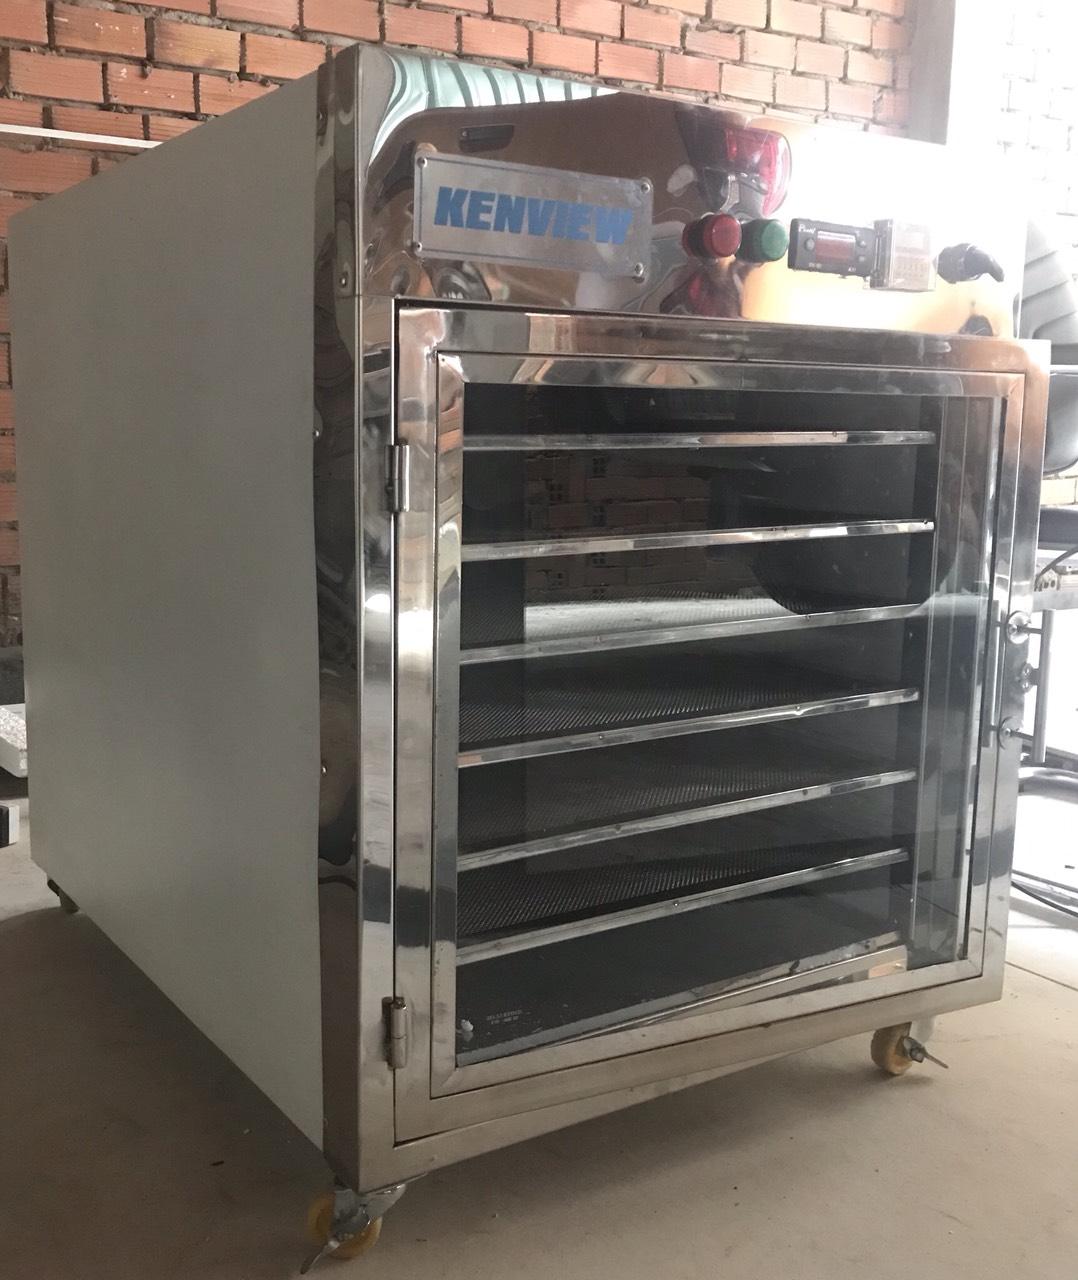 Kenview cung cấp máy sấy ống hút cỏ tại An Giang.0978 280 912